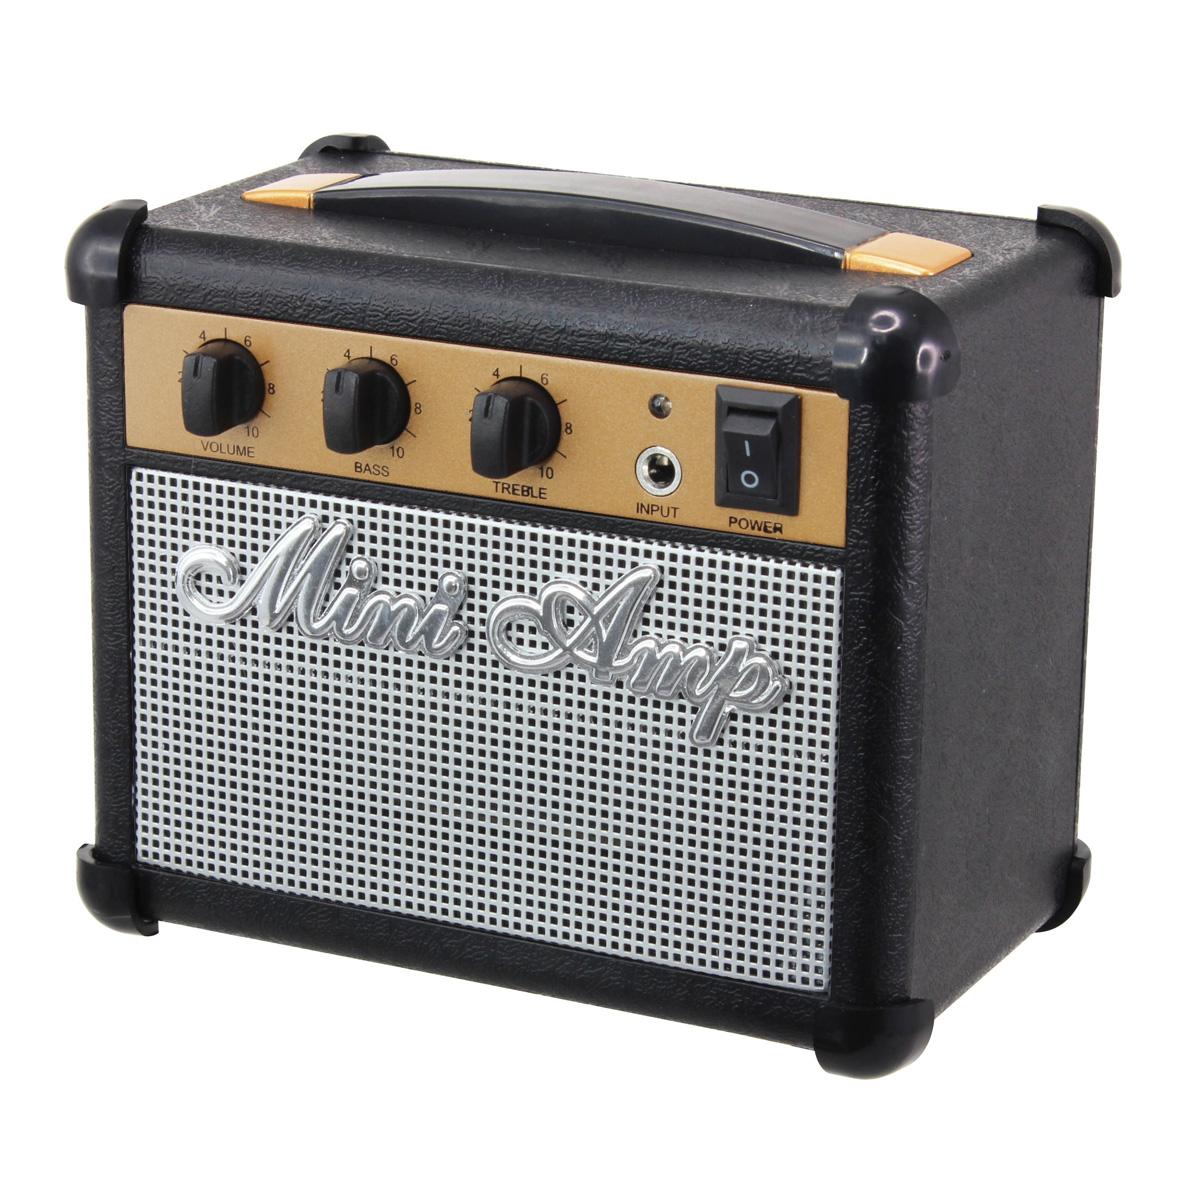 Lautsprecher Amp Retro